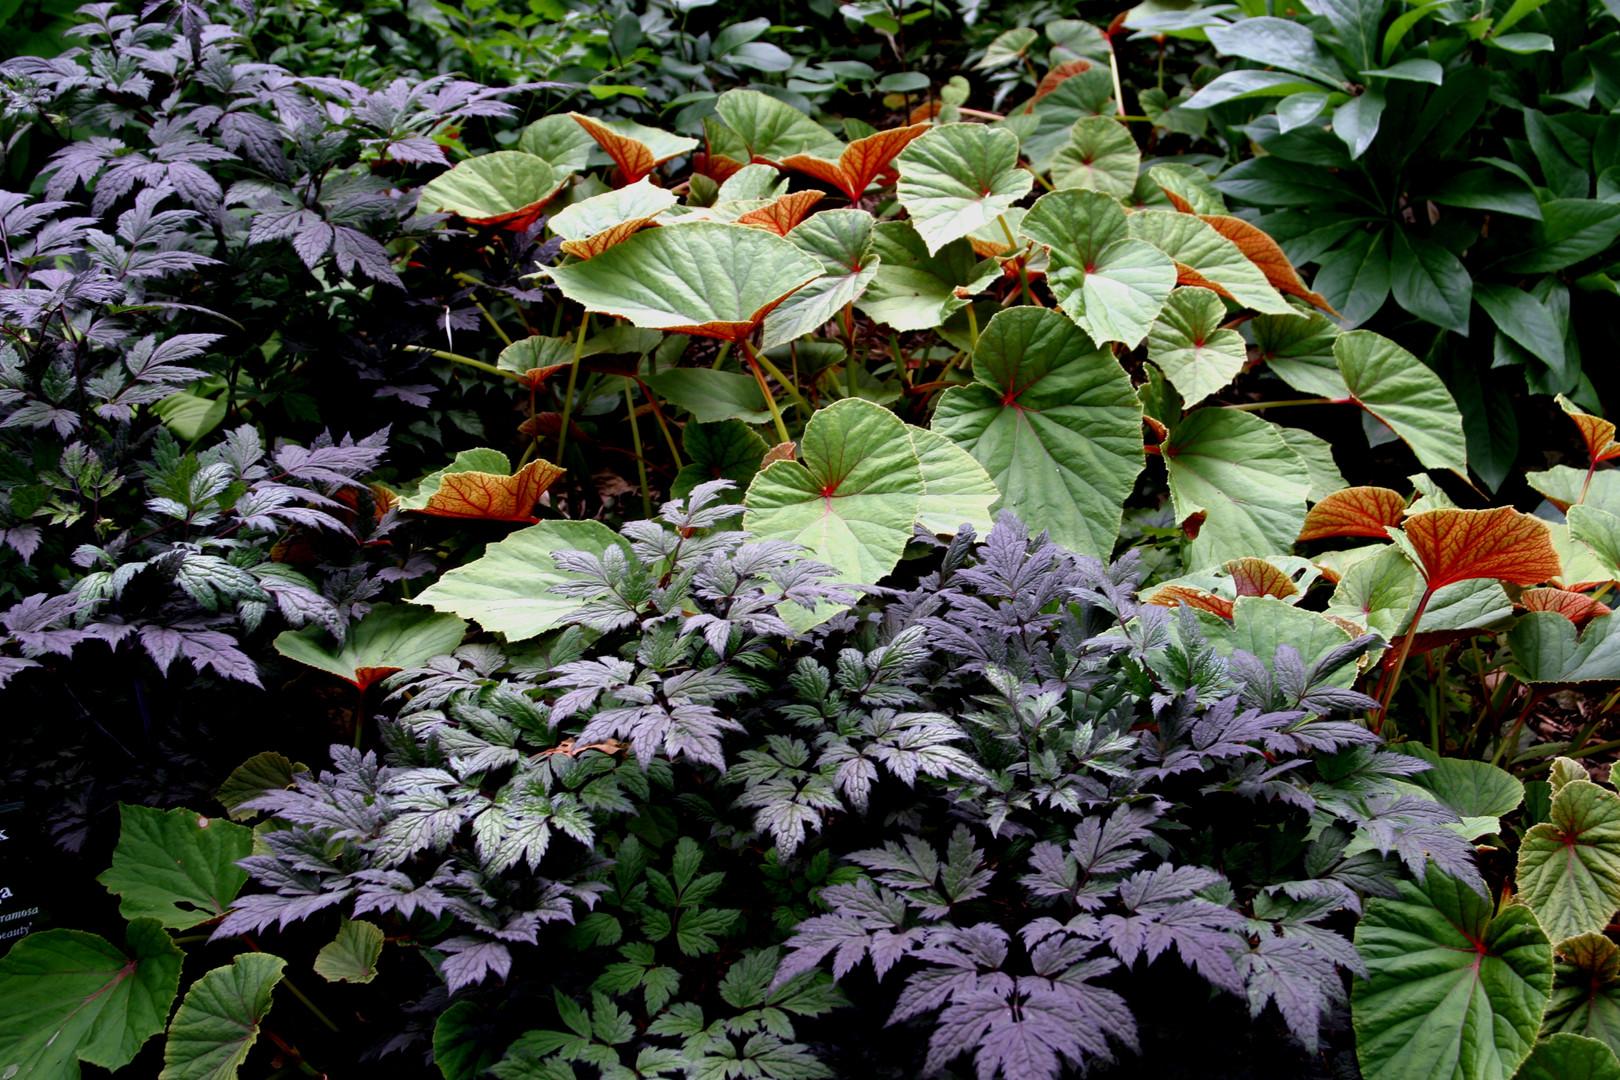 Begonia grandis & Cimicifuga ramosa 'Hil